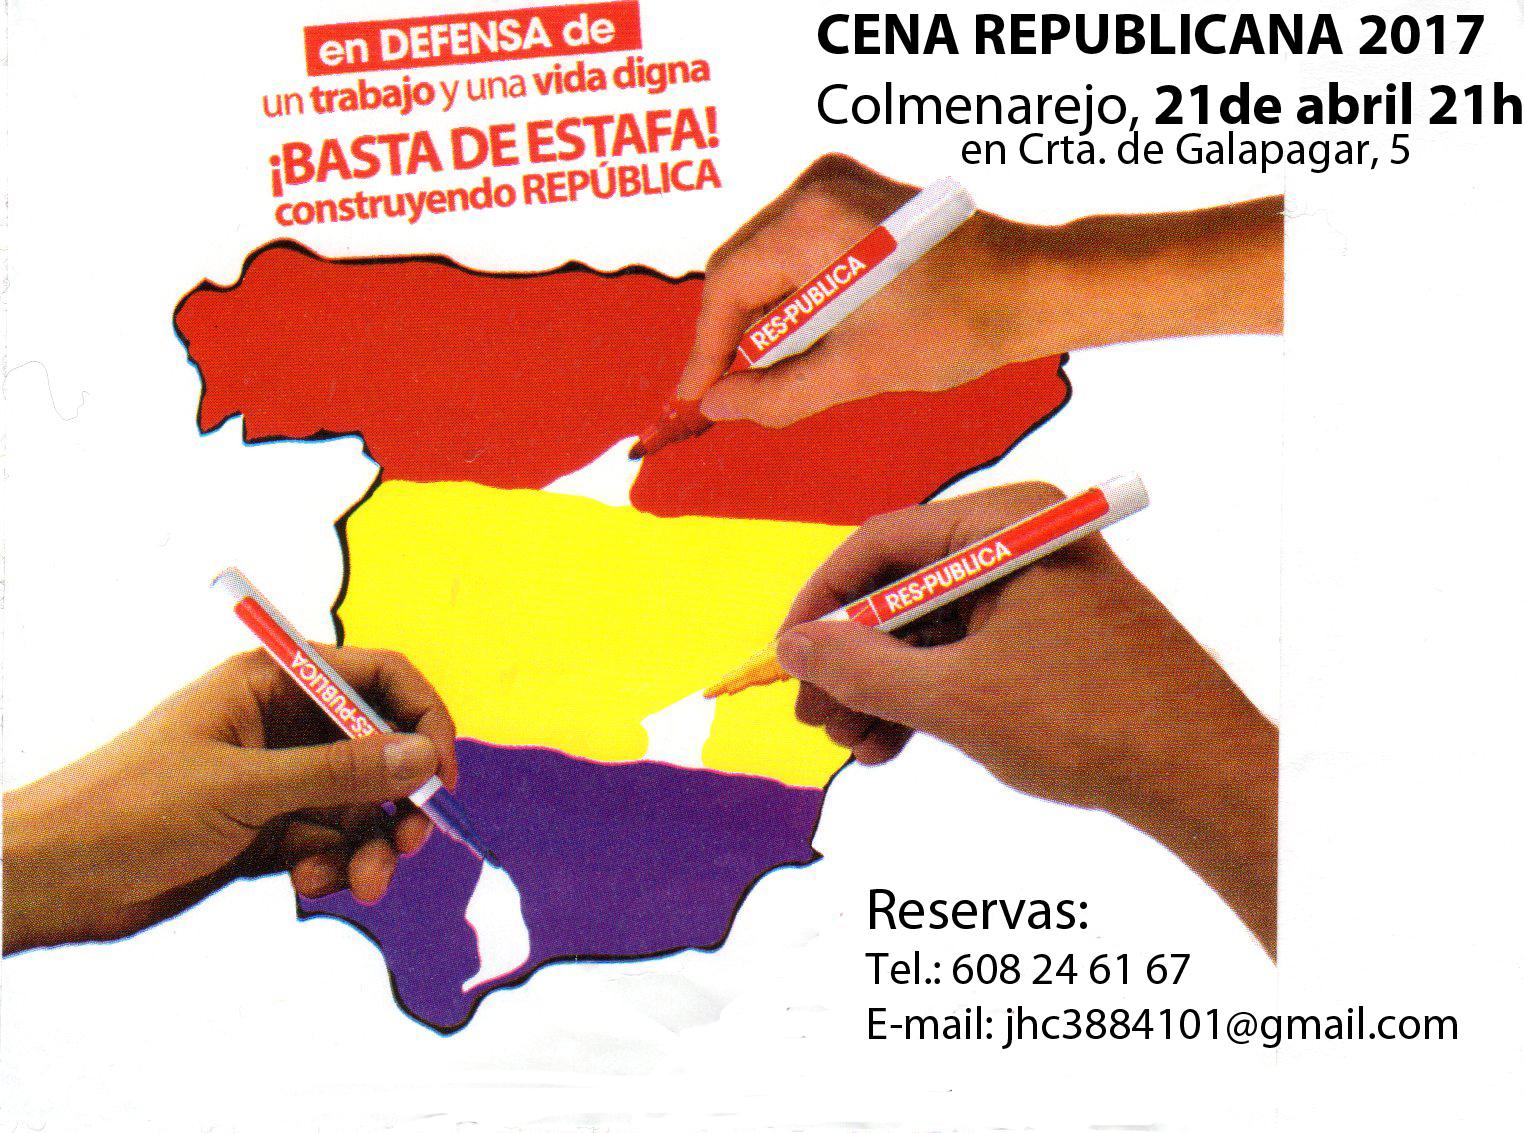 Cartel CENA REPUBLICANA 2017 Colmenarejo 21-04-2017